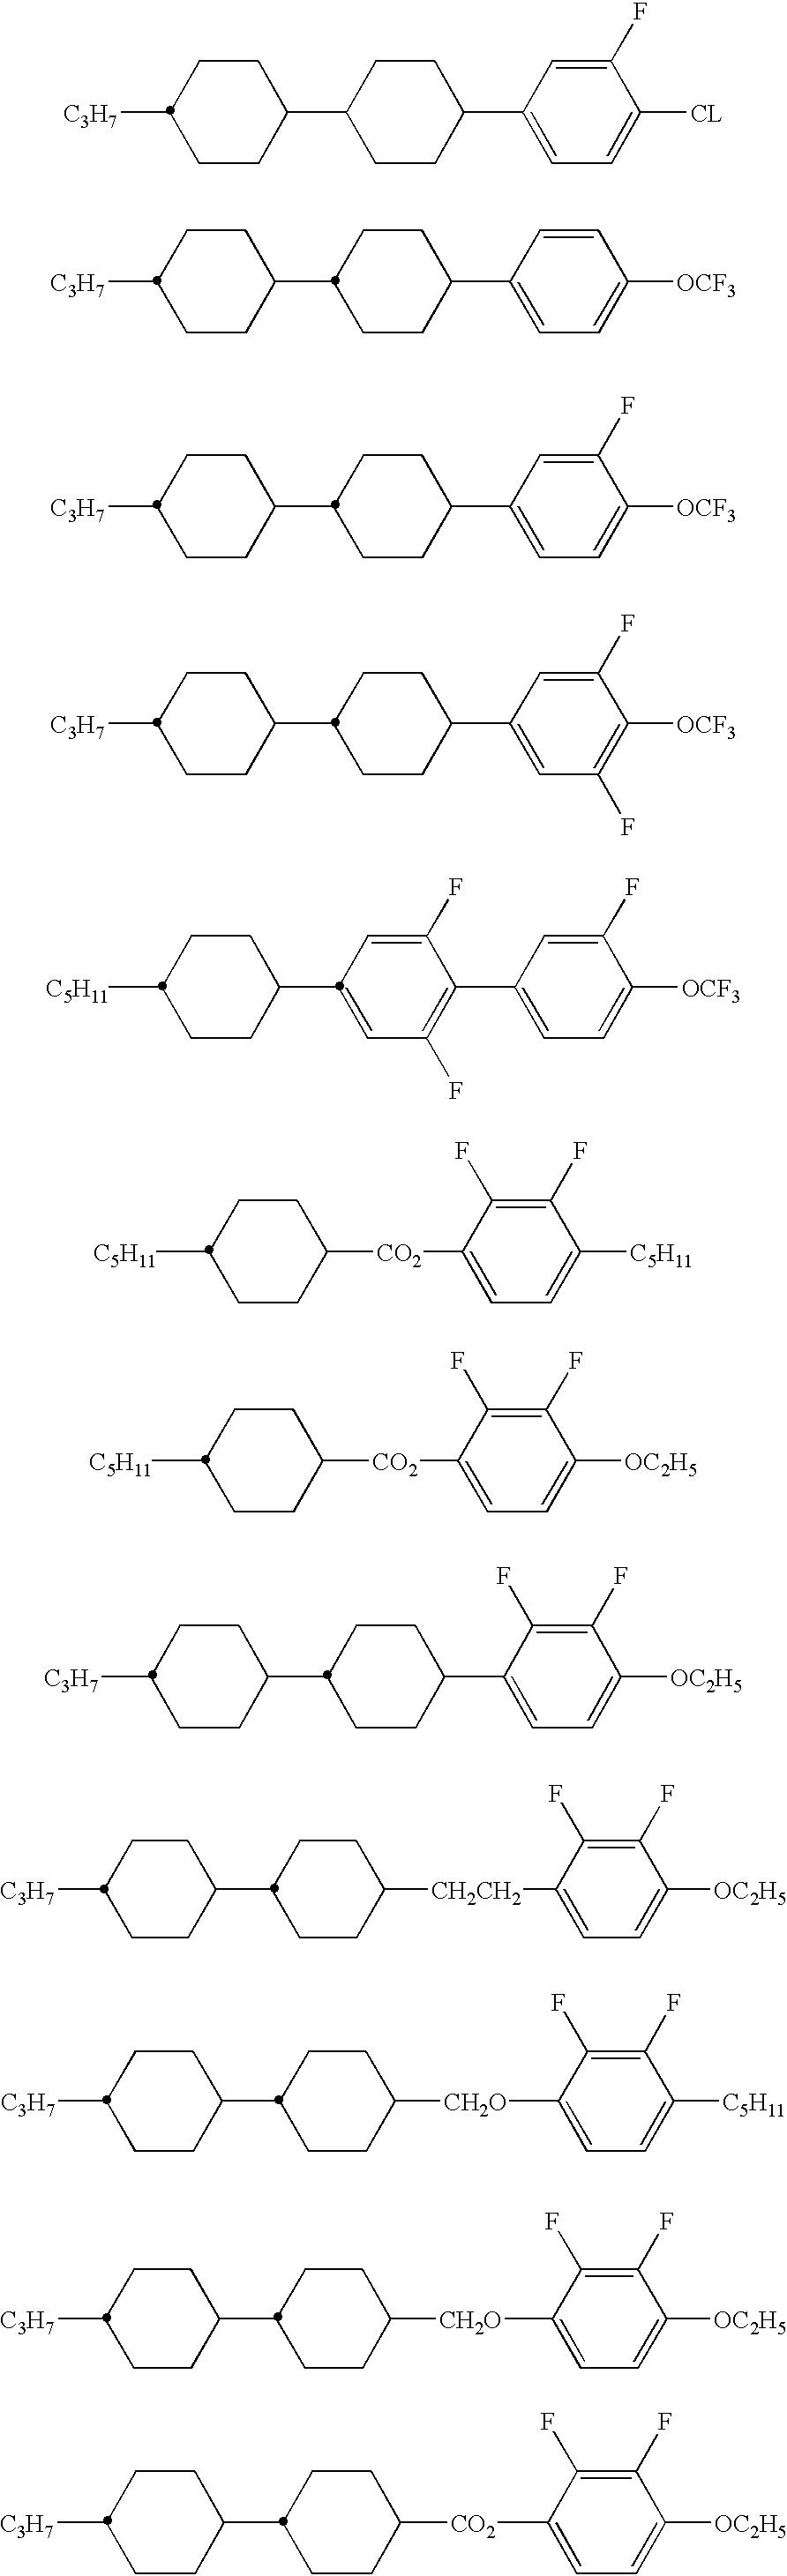 Figure US06580026-20030617-C00007